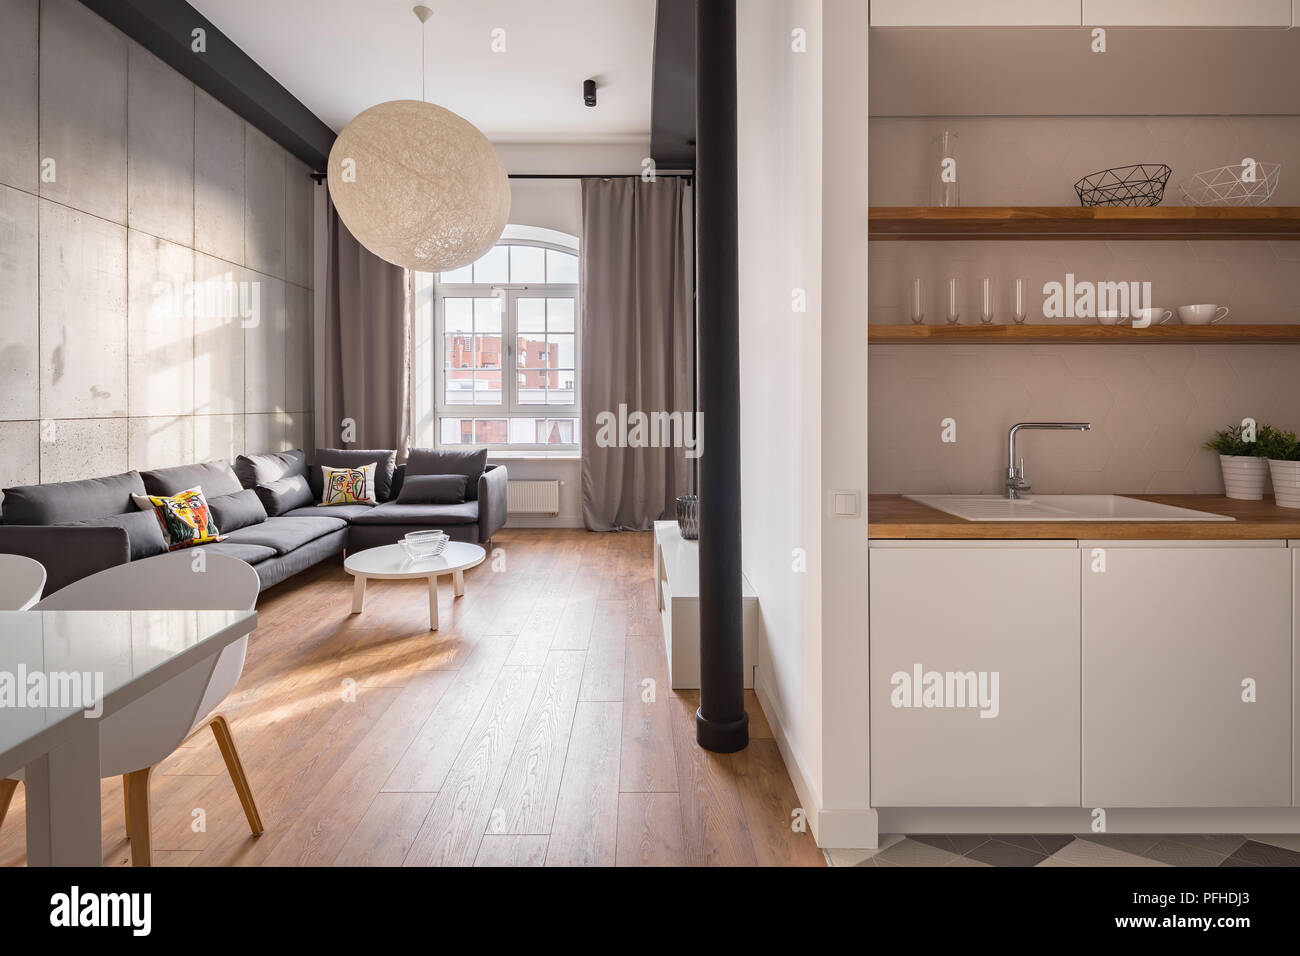 Stilvolles Apartment Mit Offener Kuche Und Ein Geraumiges Wohnzimmer